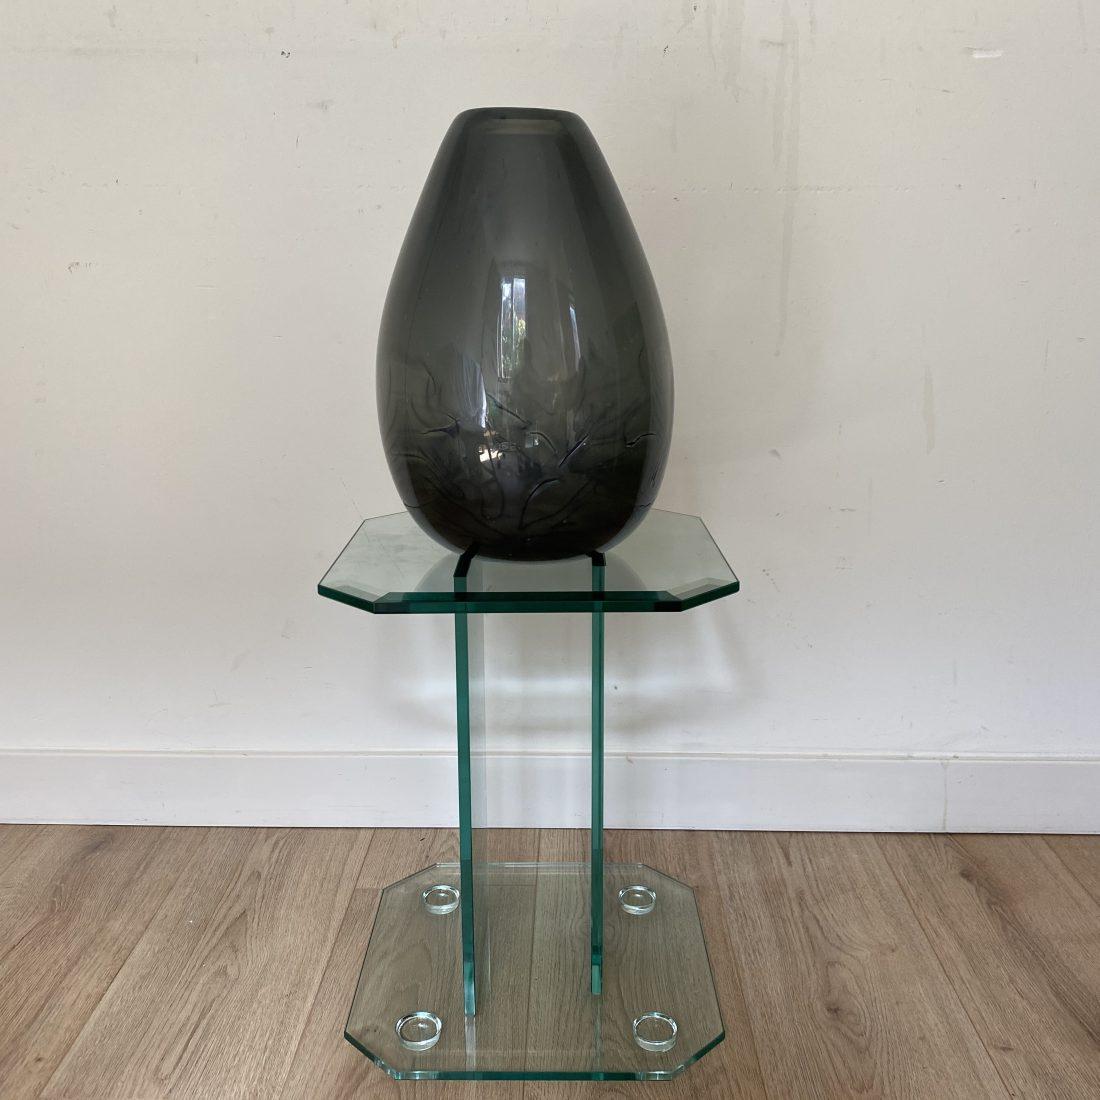 Andries Copier (Leerdam, 1901 – 1991), Grijs kleurige Unica vaas (x7), versiering van zeegras